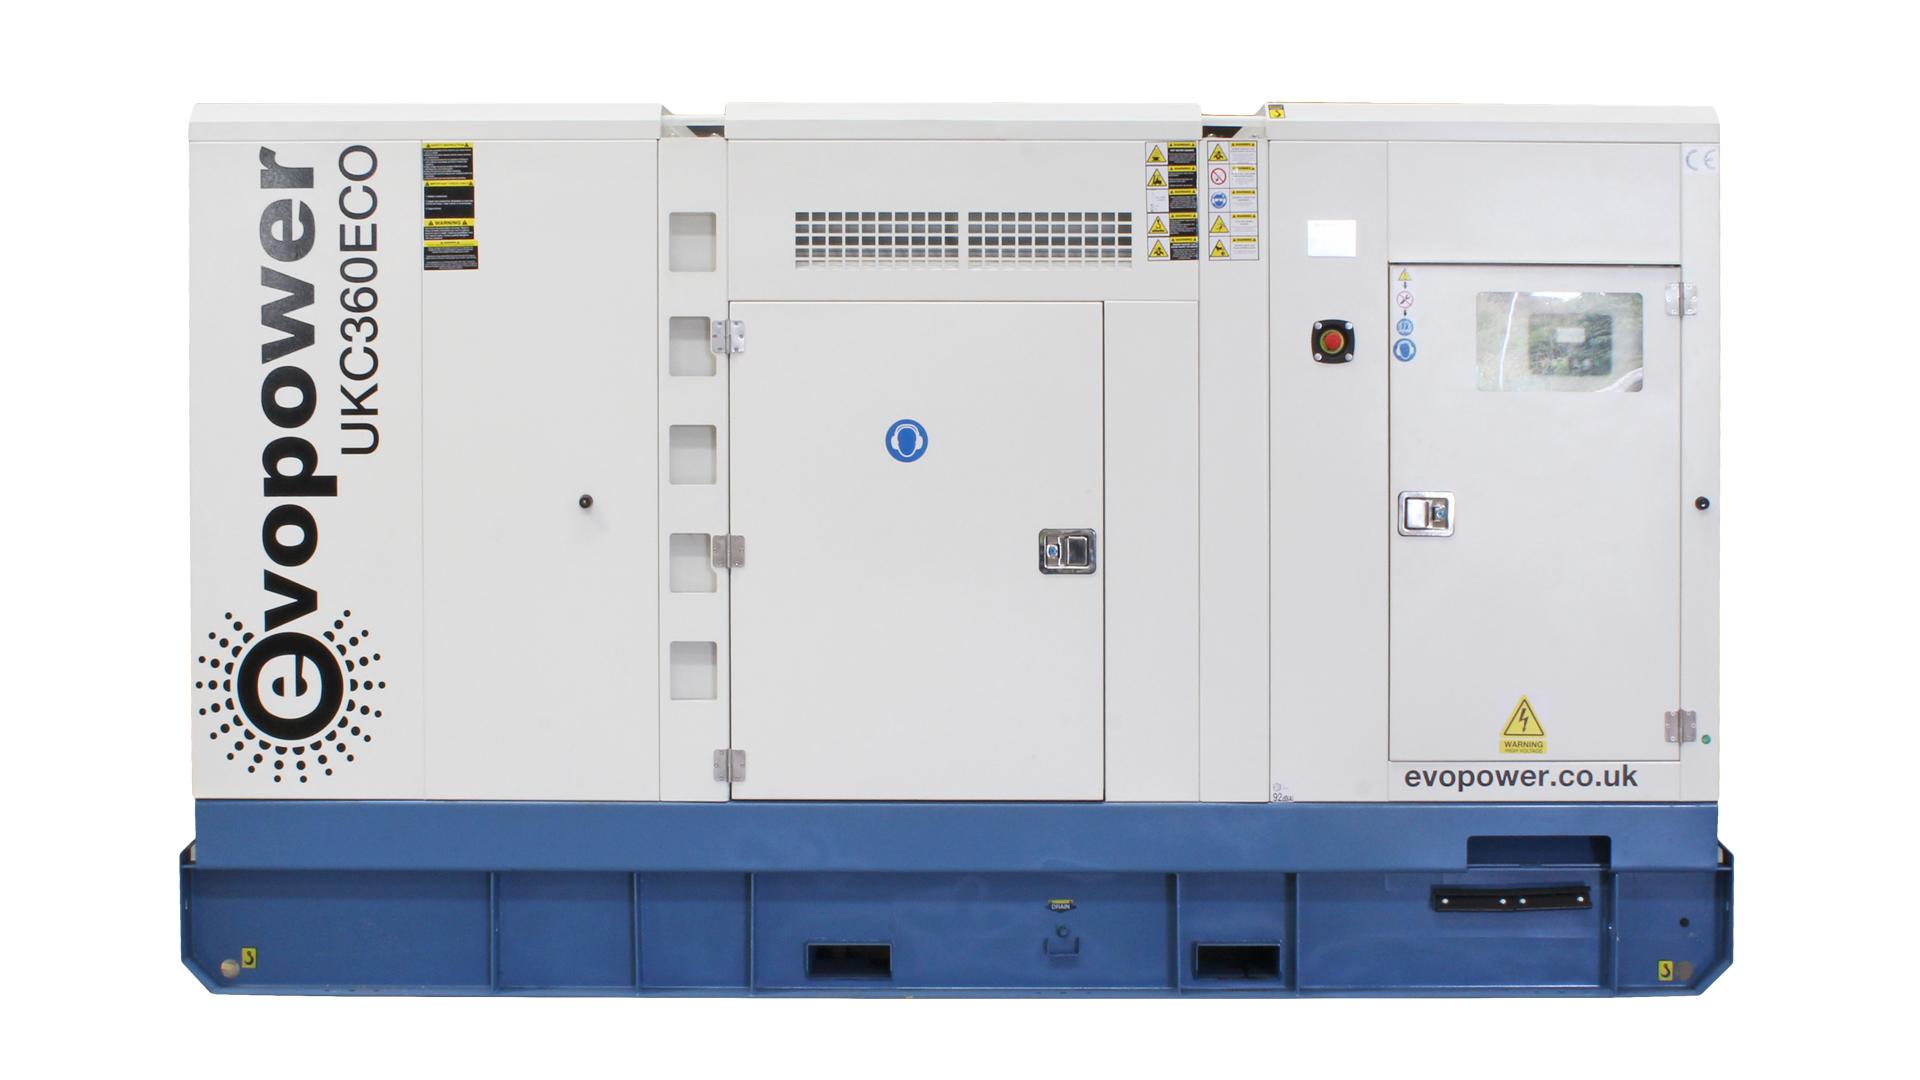 UKC360ECO Cummins Powered Generator Front Image Flat On